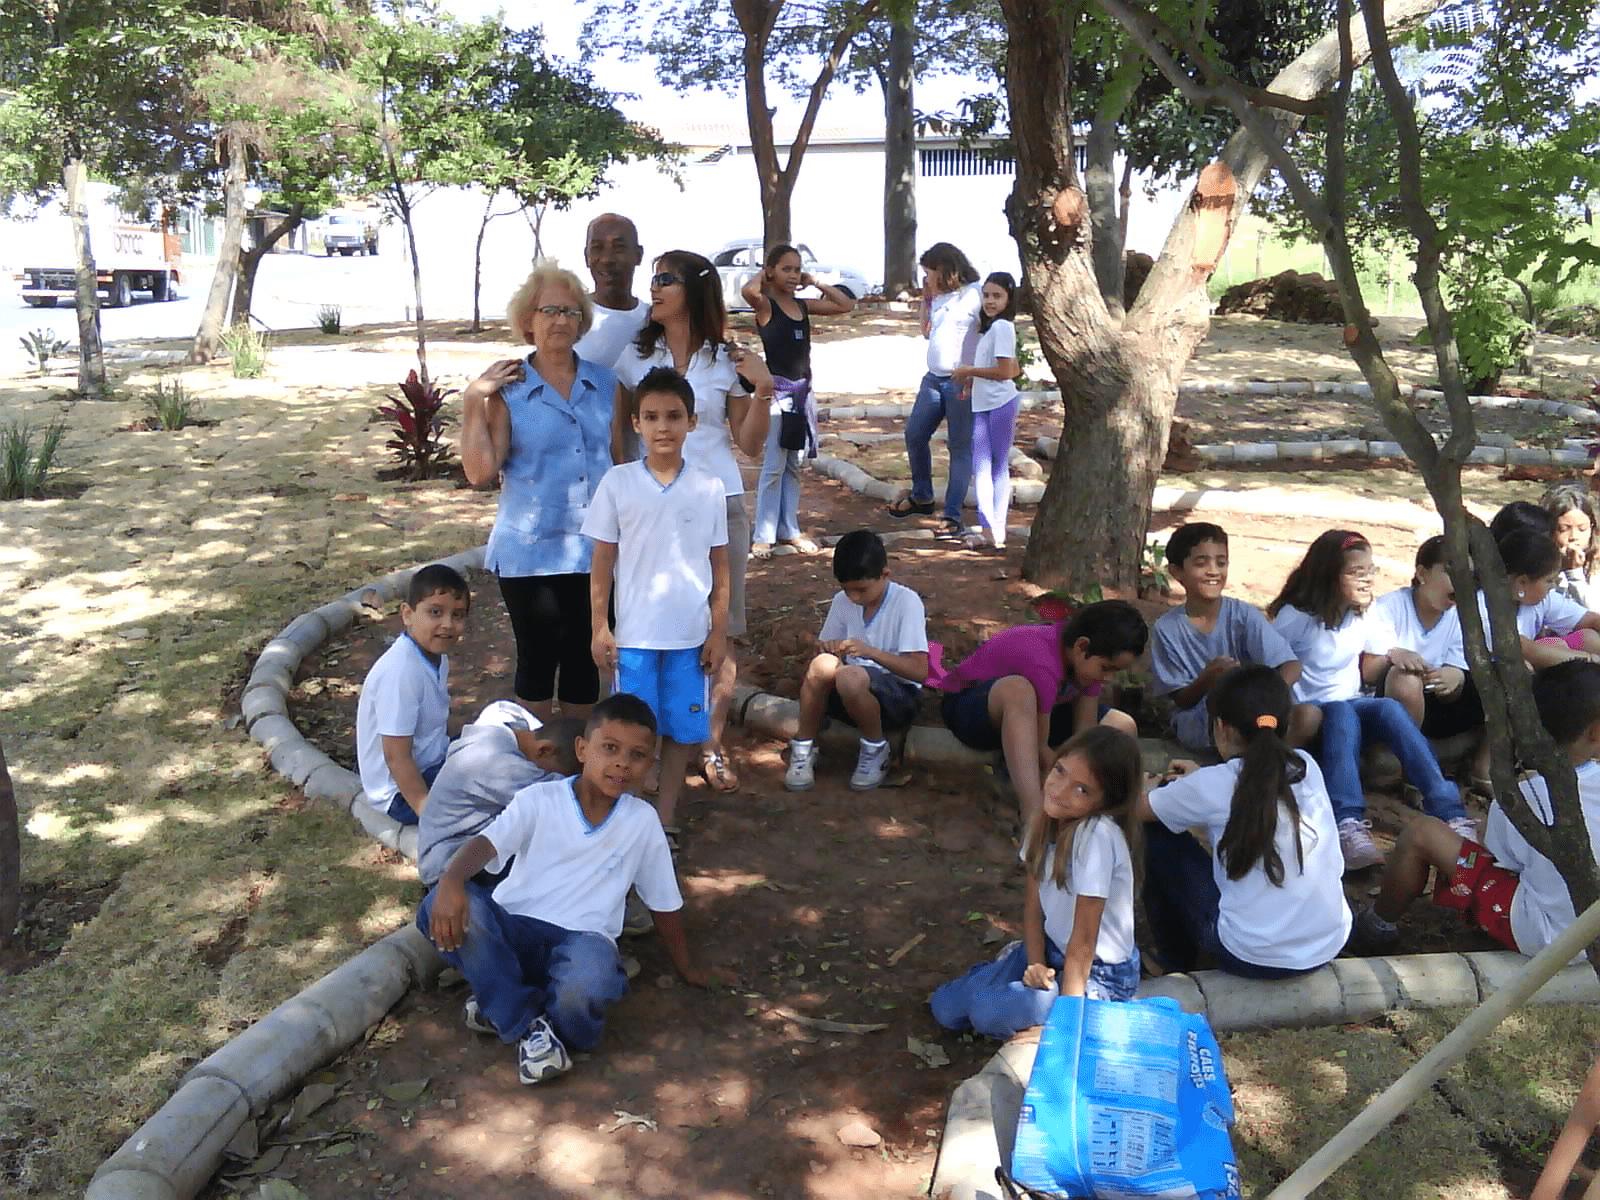 Escola SALVADOR BOVE PROFESSOR - em JARDIM NOVA MERCEDES, CAMPINAS, SP